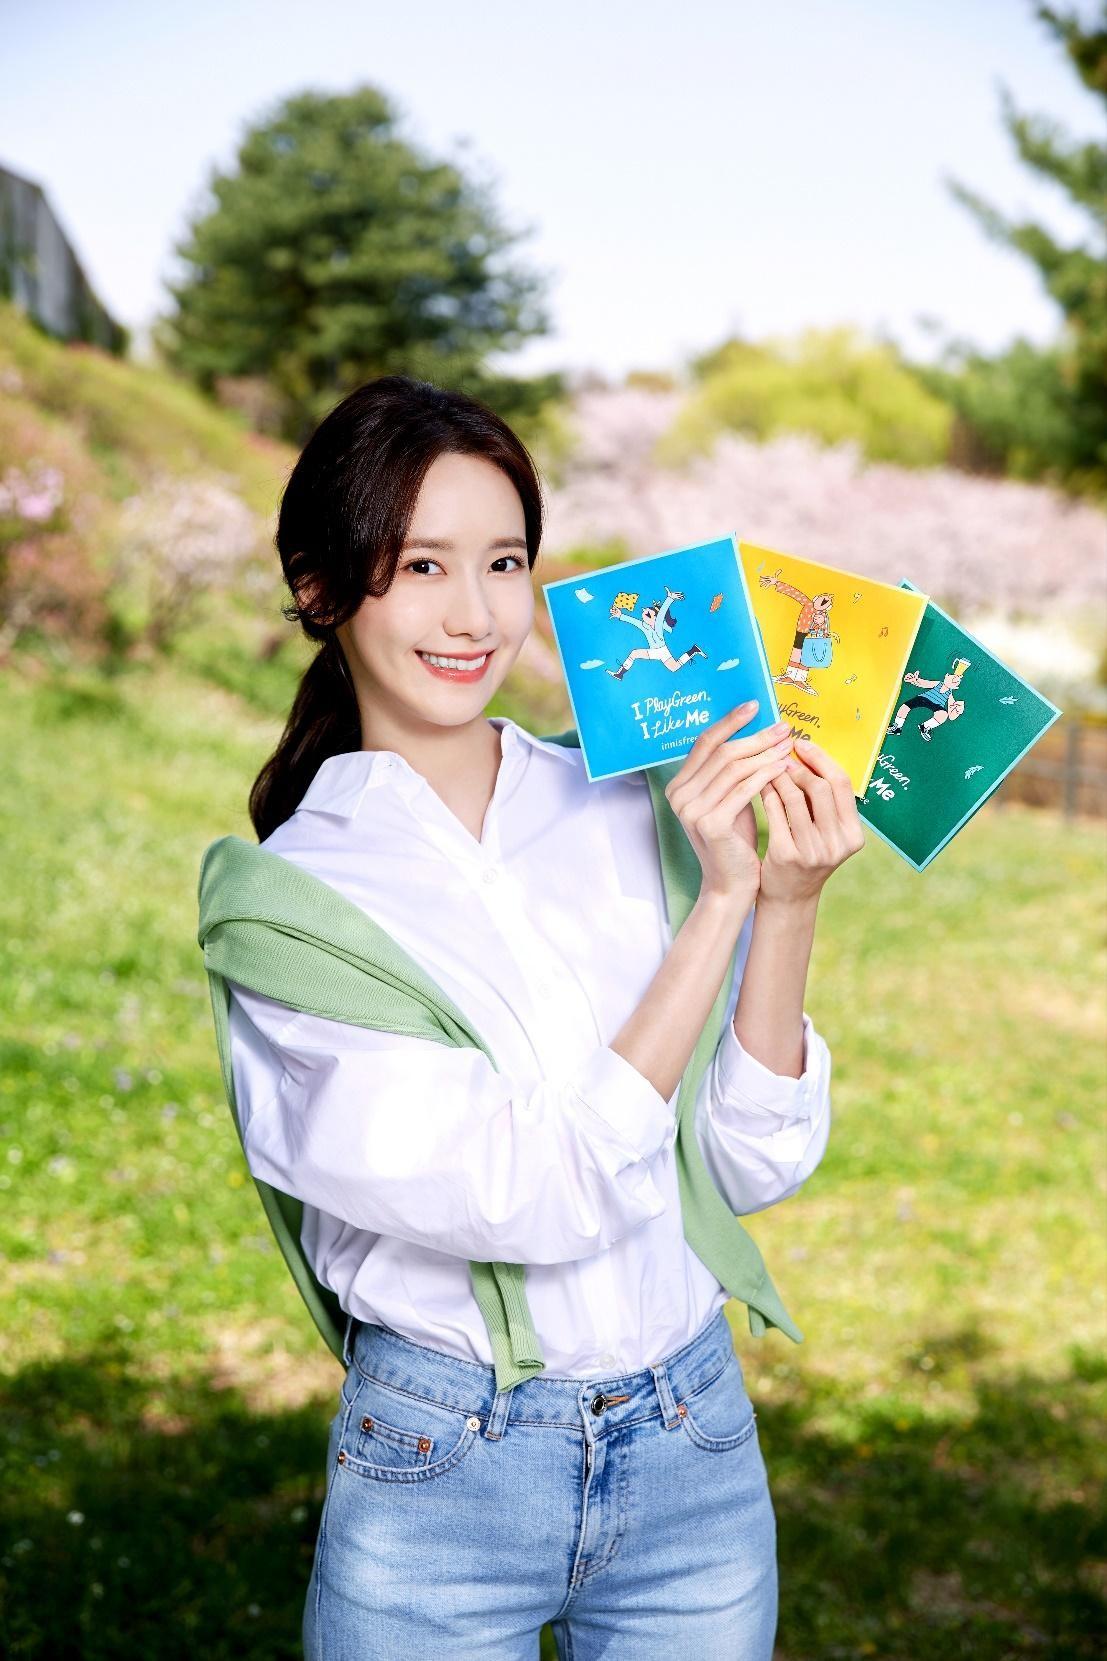 yoona giới thiệu 3 mẫu khăn tay họa tiết innisfree